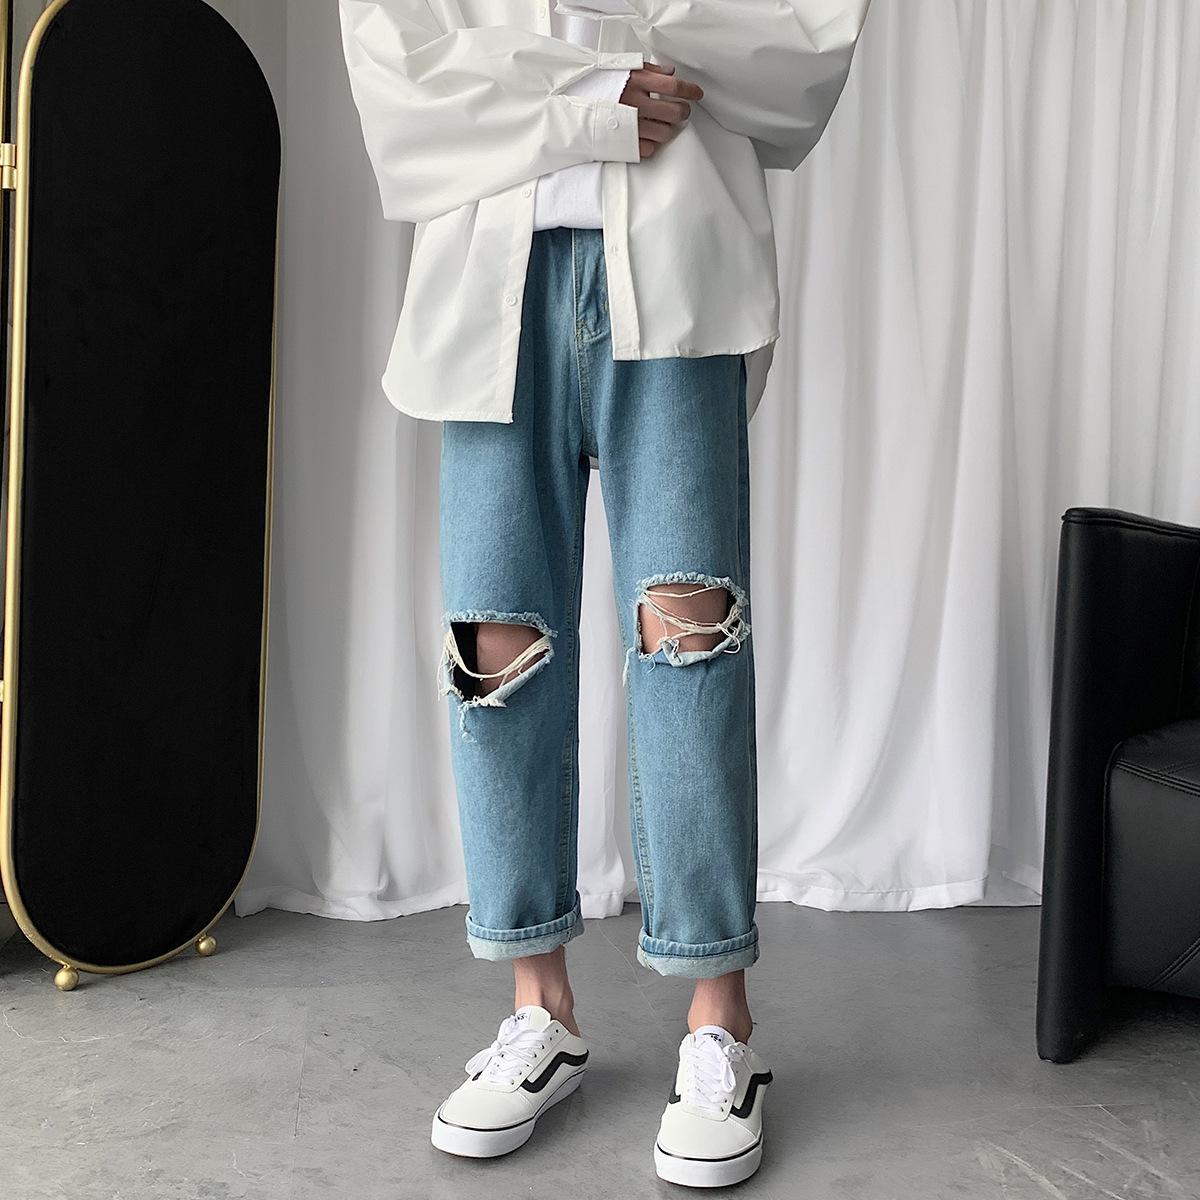 TyBgv 2020 Летний новый мужской моды Корейский стиль и брюки и джинсы мужские модные джинсы молодежные случайные свободные брюки щиколоток